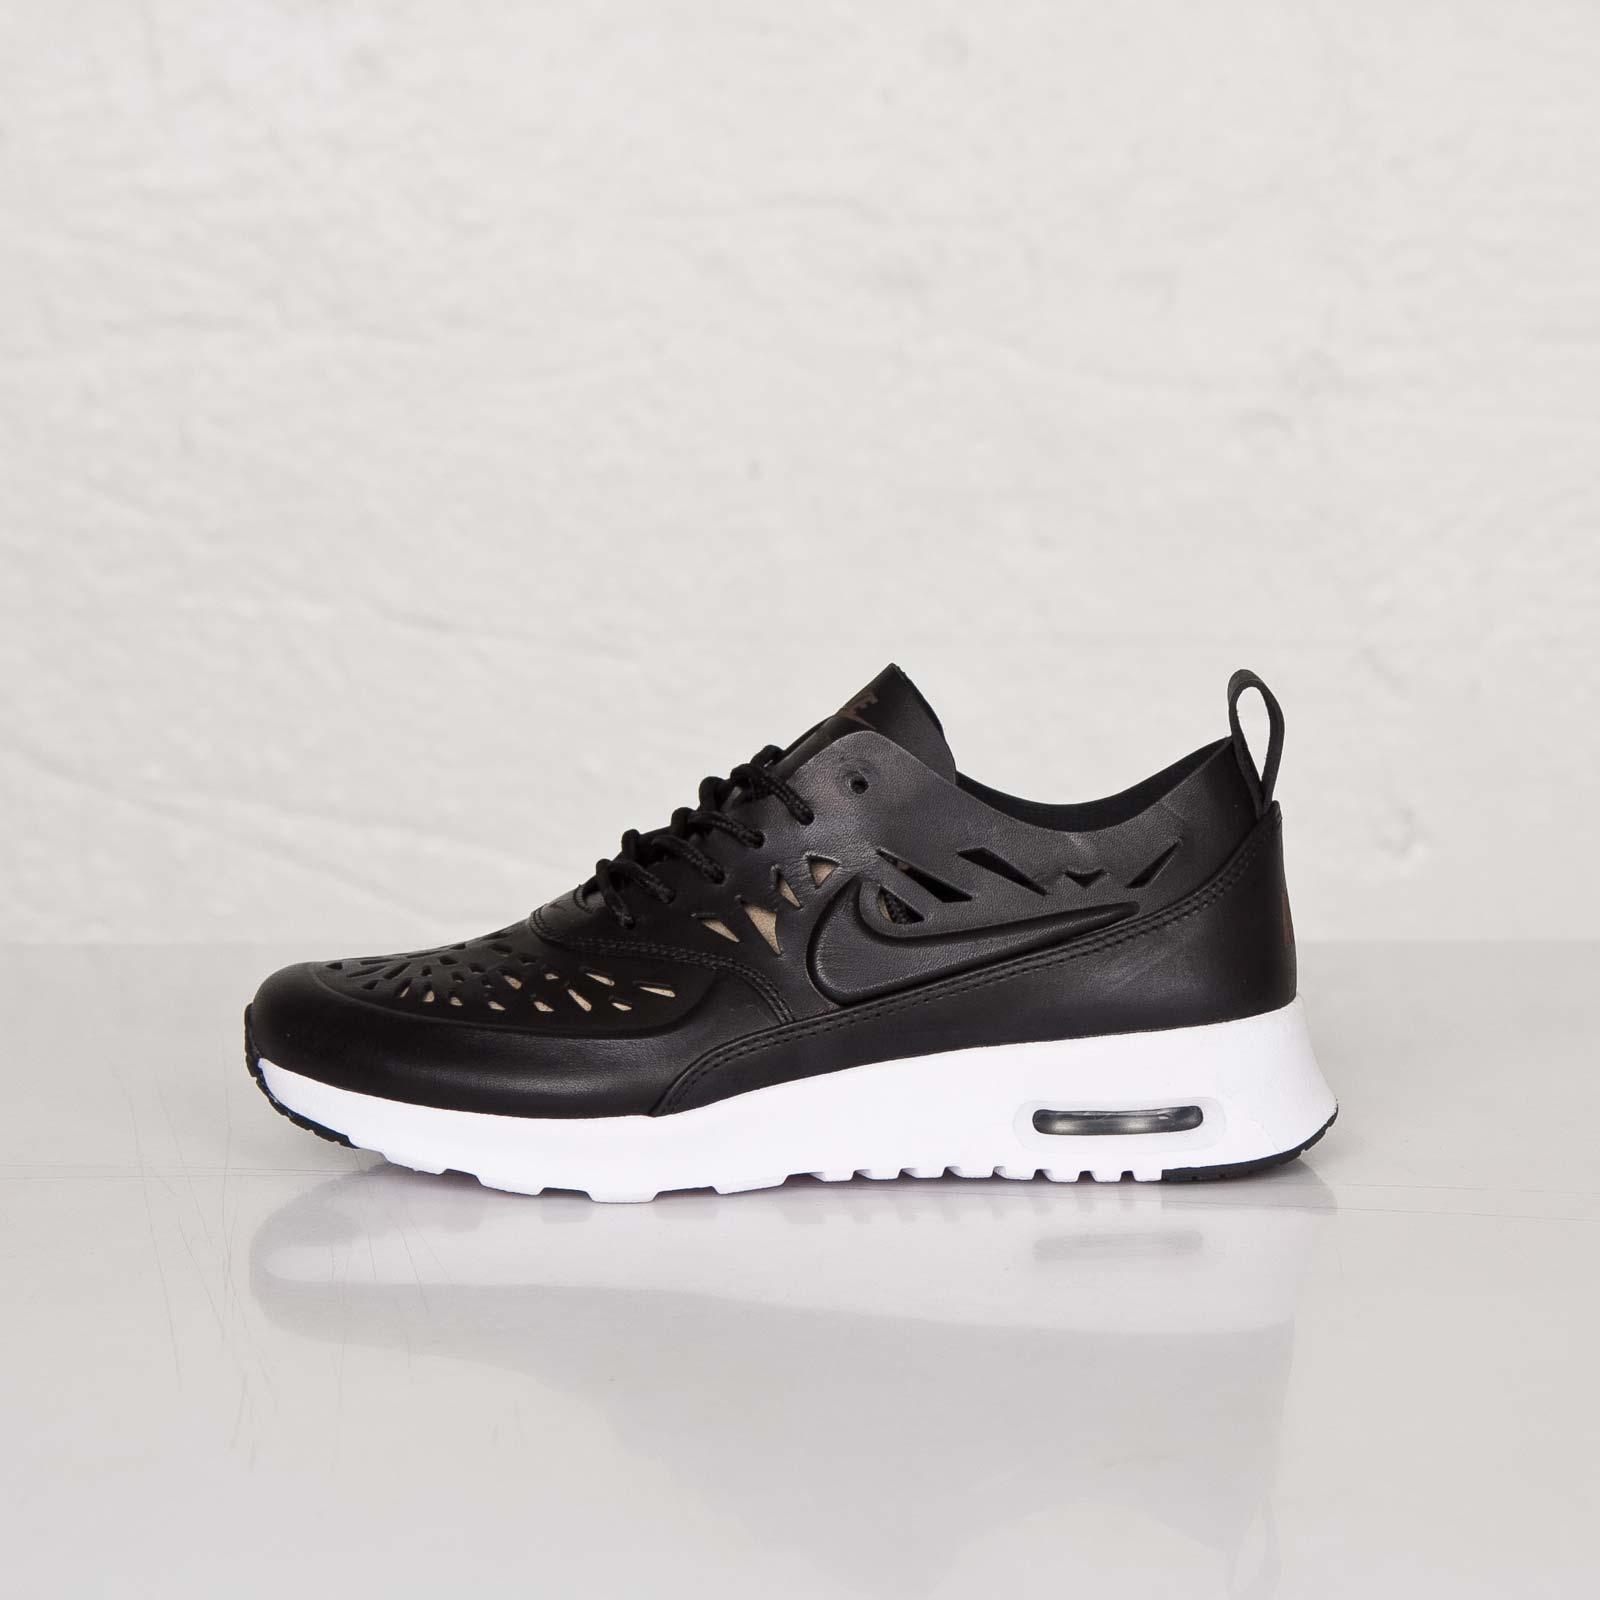 online store ea84a 09110 Nike W Air Max Thea Joli - 725118-001 - Sneakersnstuff   sneakers    streetwear online since 1999